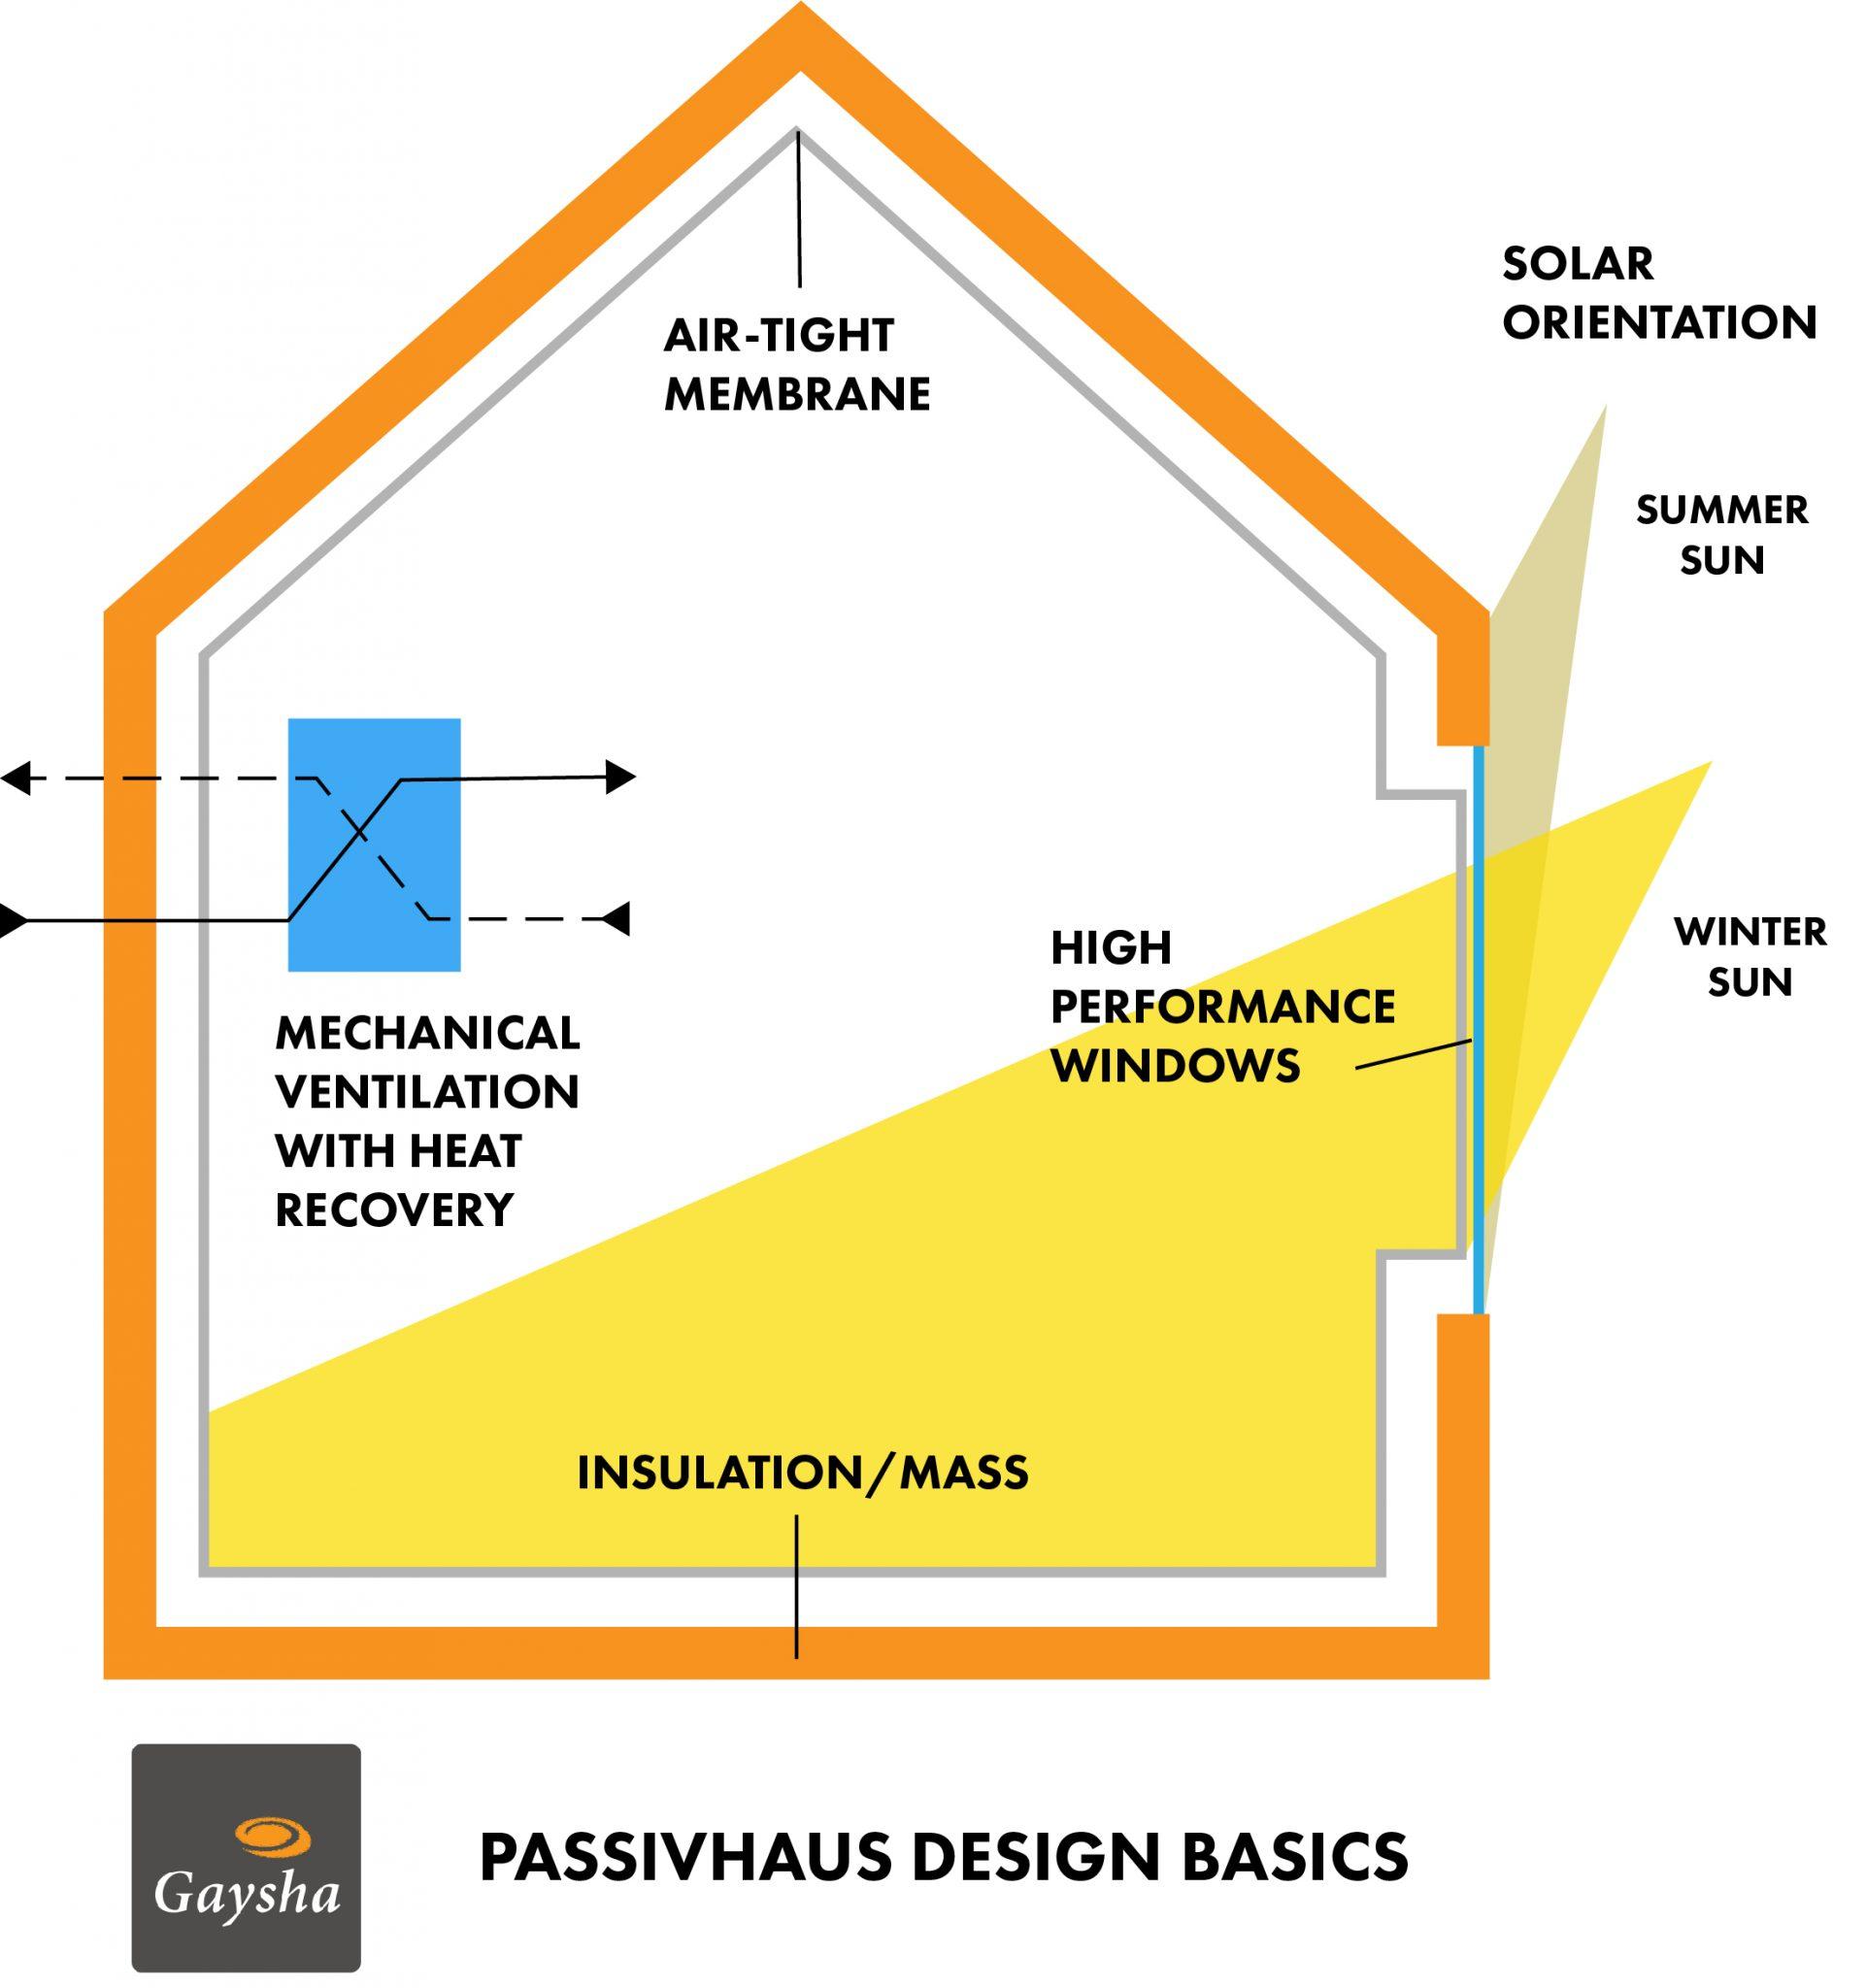 Passivhaus Design Principles